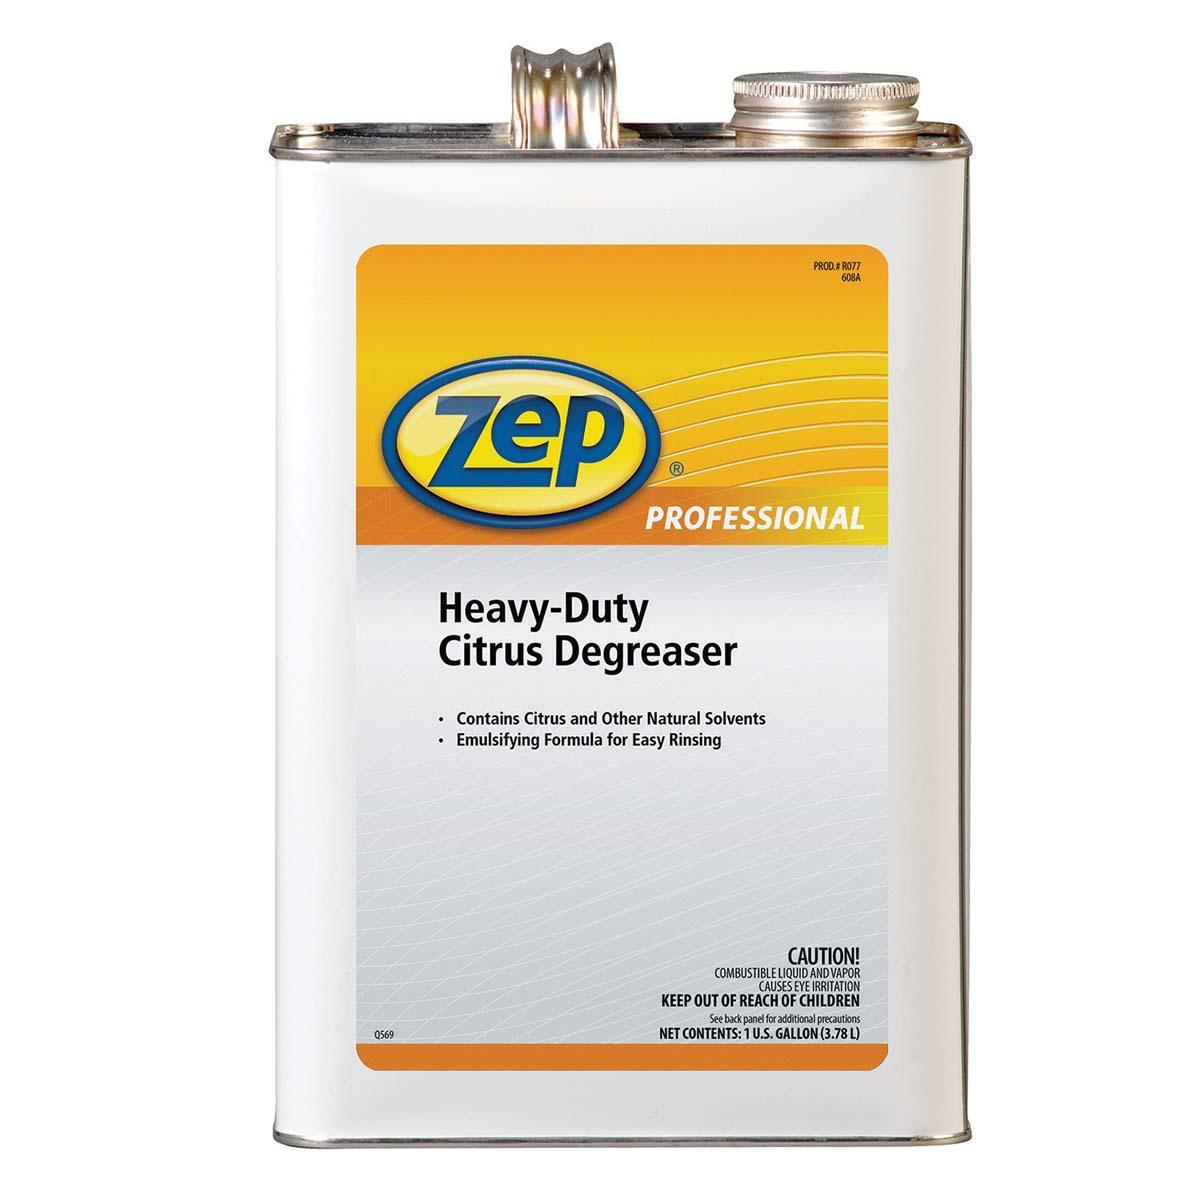 ZEP Heavy-Duty Citrus Degreaser